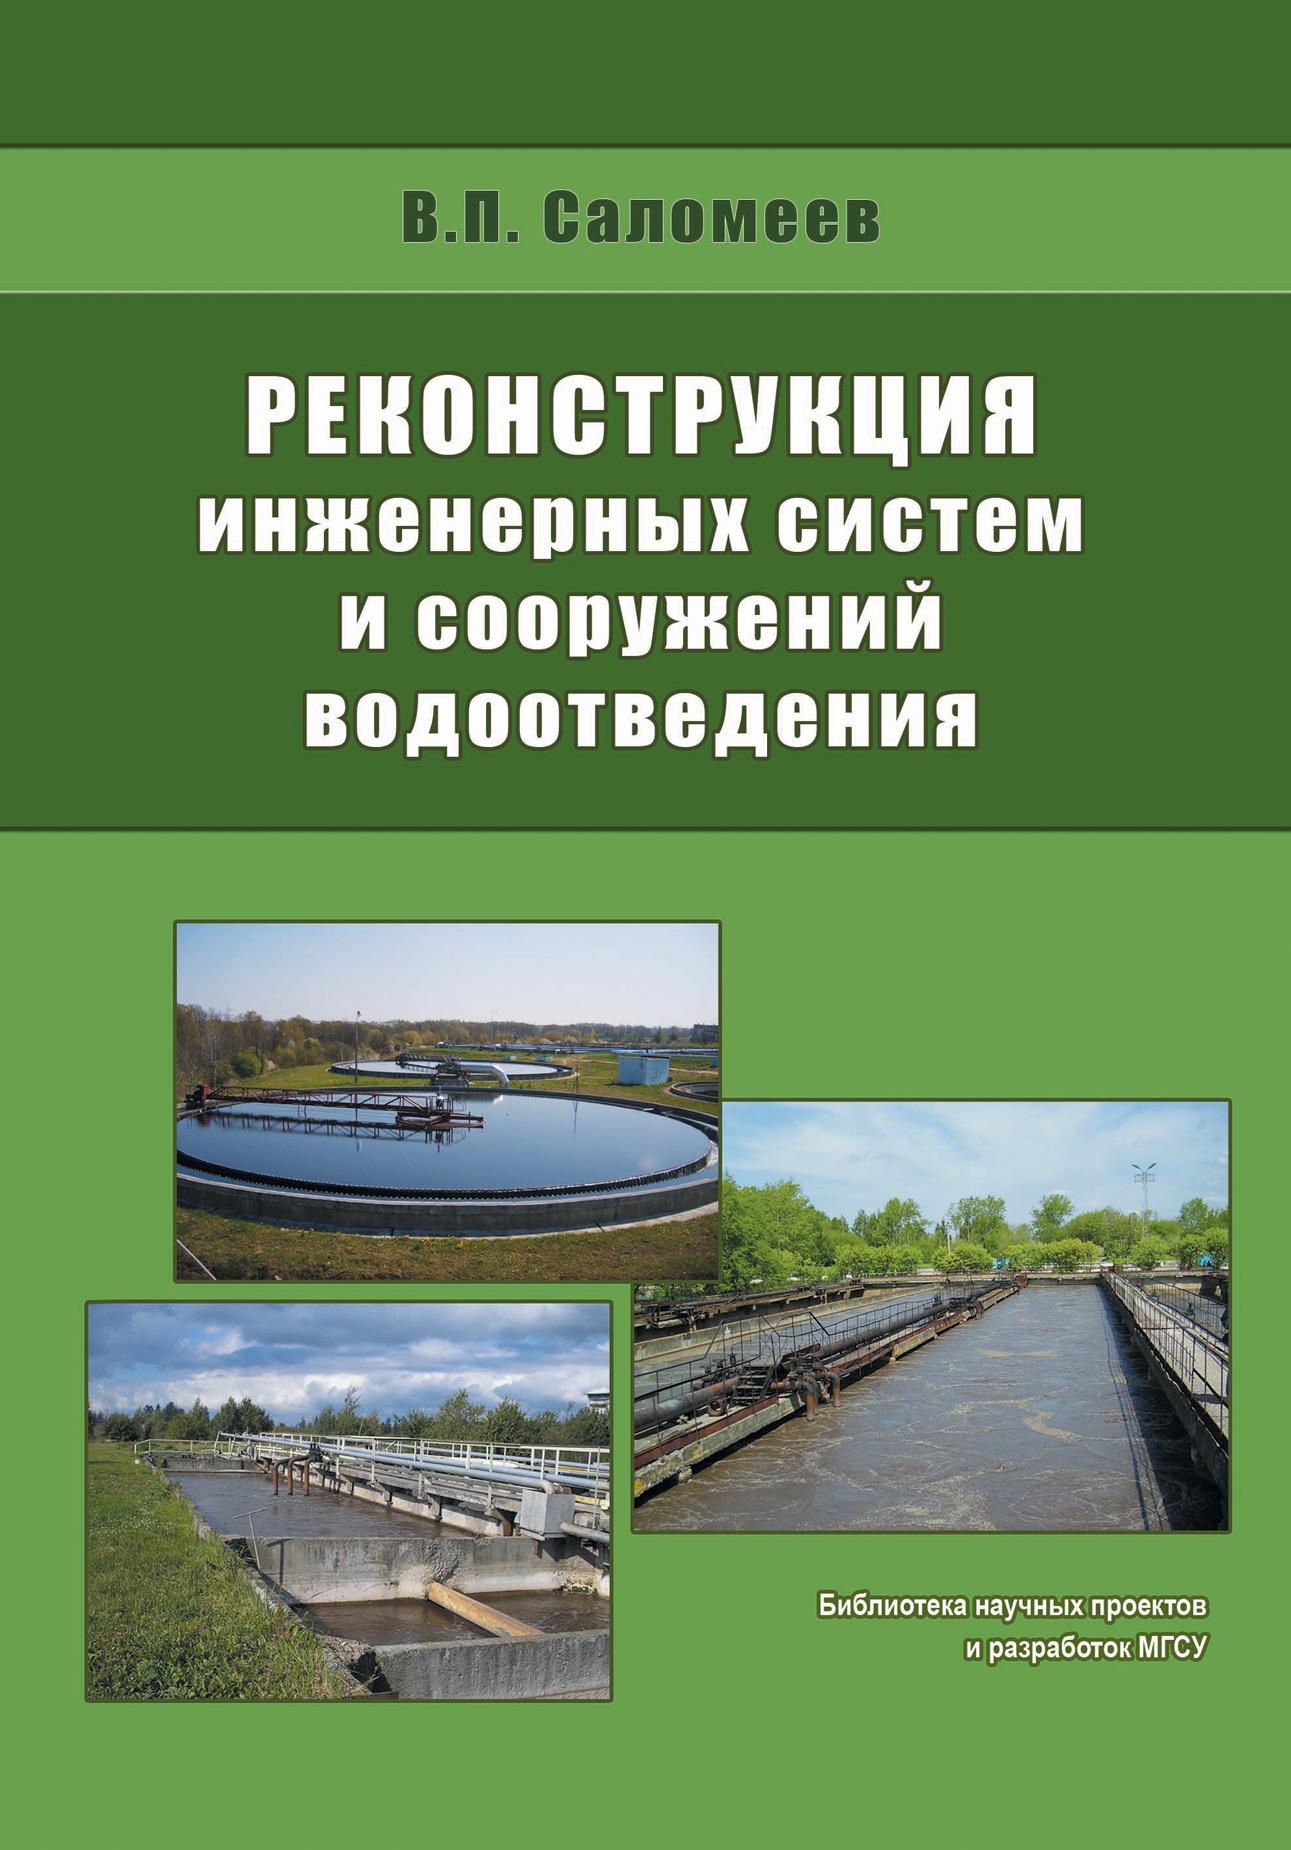 цена на В. П. Саломеев Реконструкция инженерных систем и сооружений водоотведения